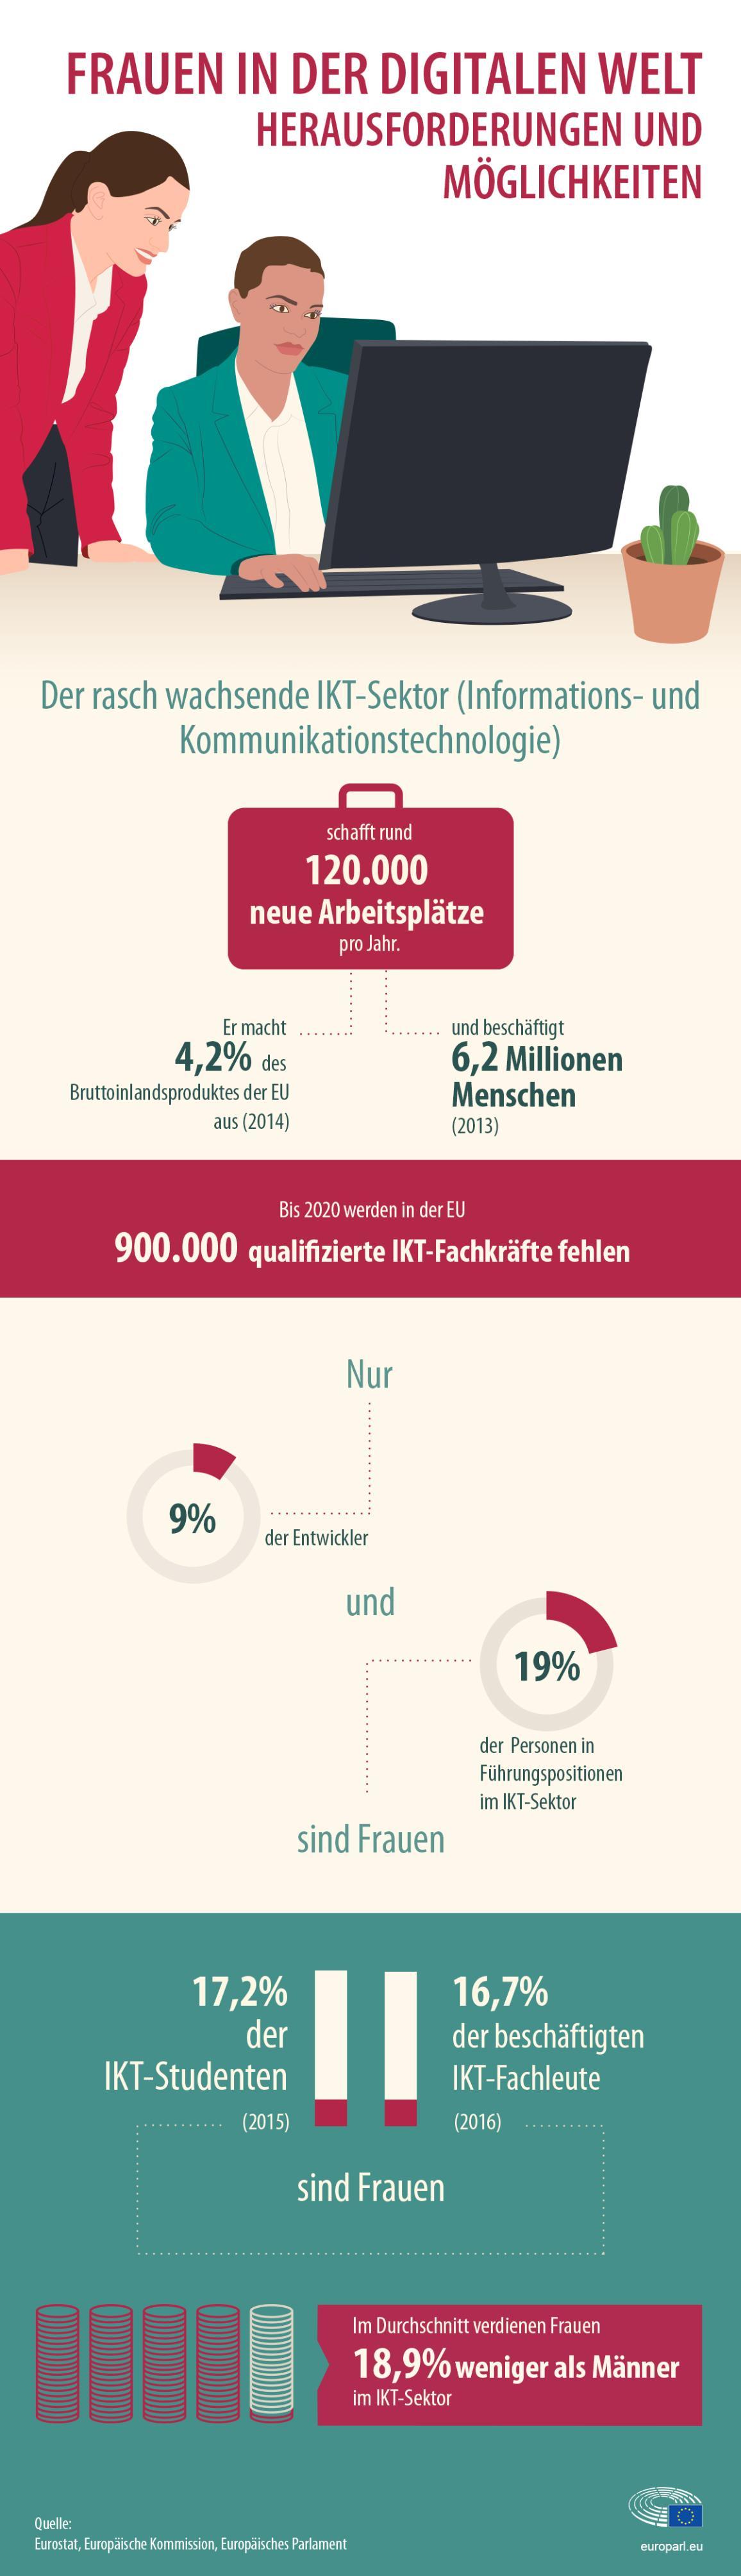 Infografik zum Thema Frauen und IKT